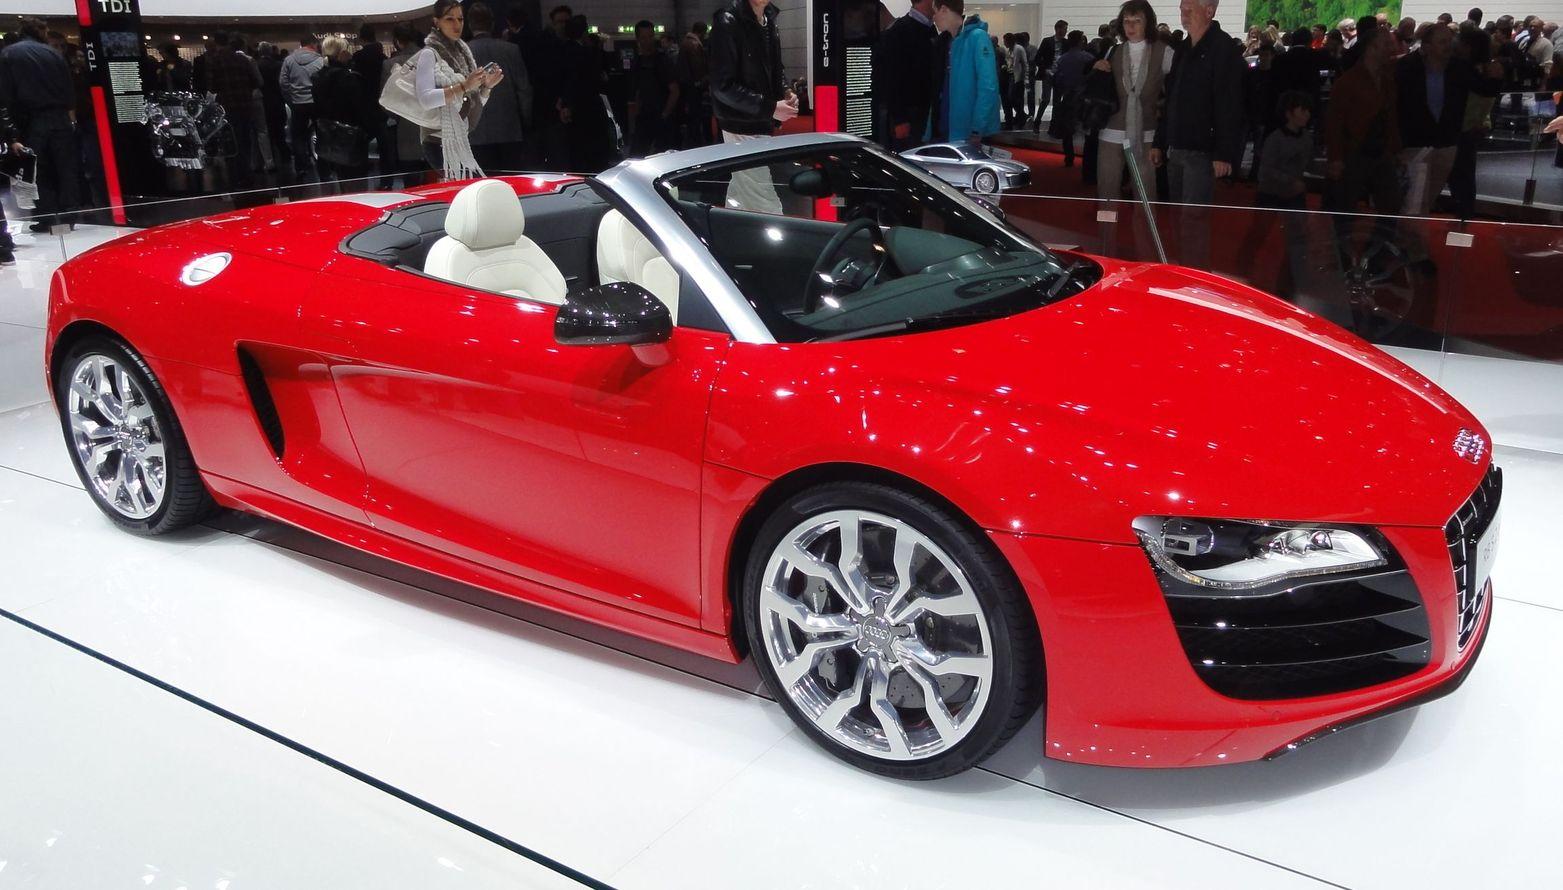 Autoalmanach les marques audi germany site officiel for Salon automobile allemagne